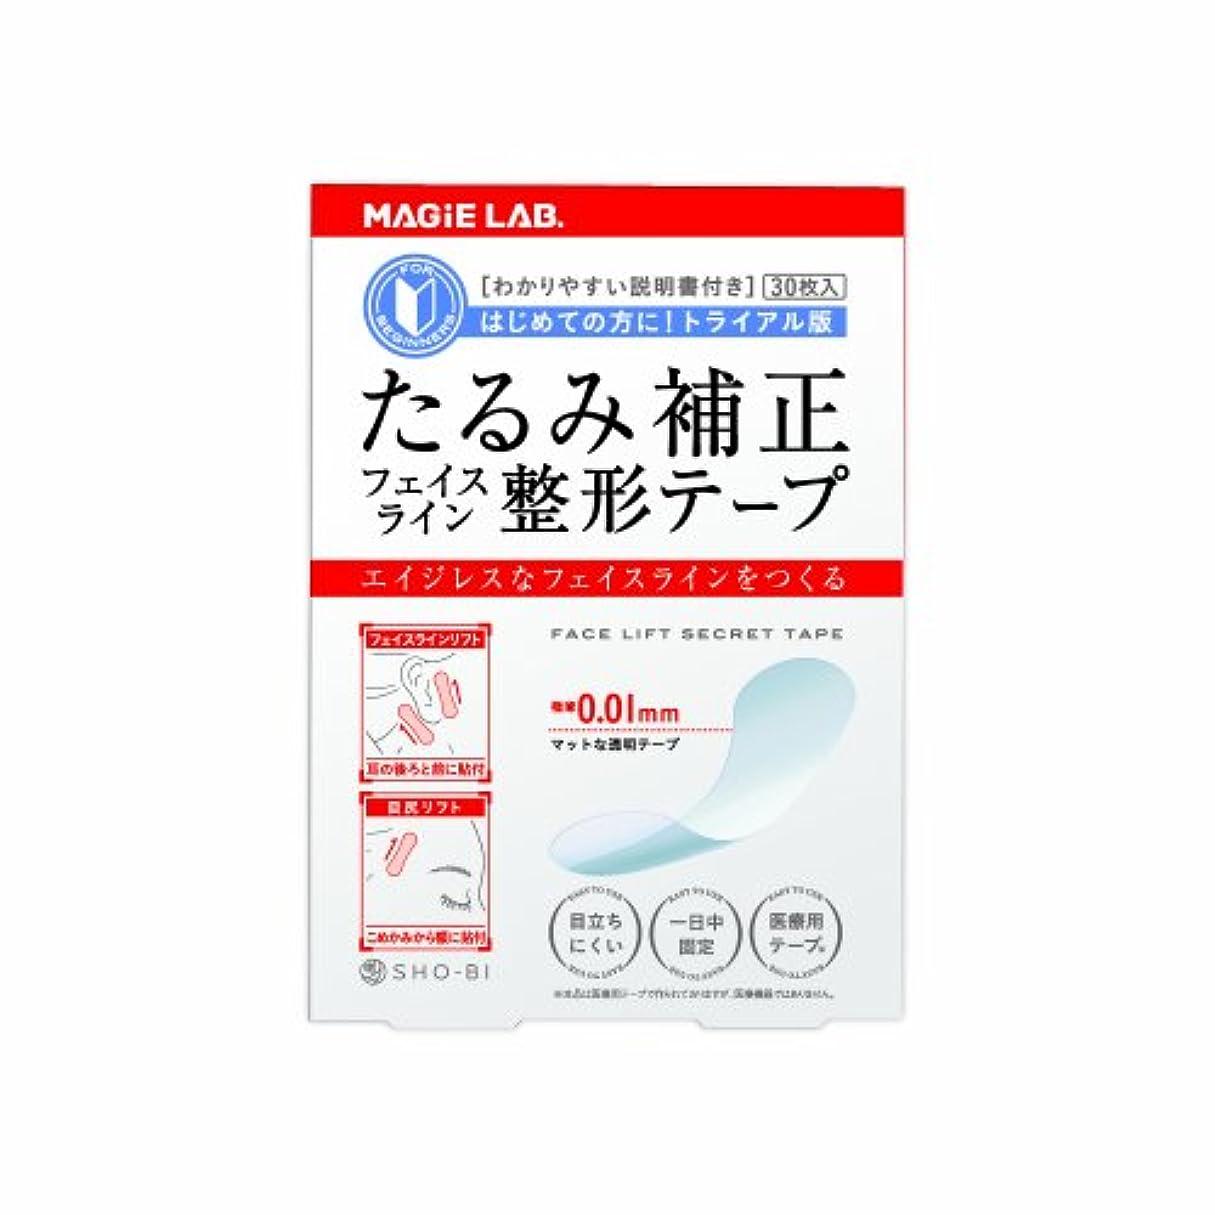 囲い意図的スローガンMG22106 フェイスライン 整形テープ トライアル版 30枚入 マジラボ MAGiE LAB.